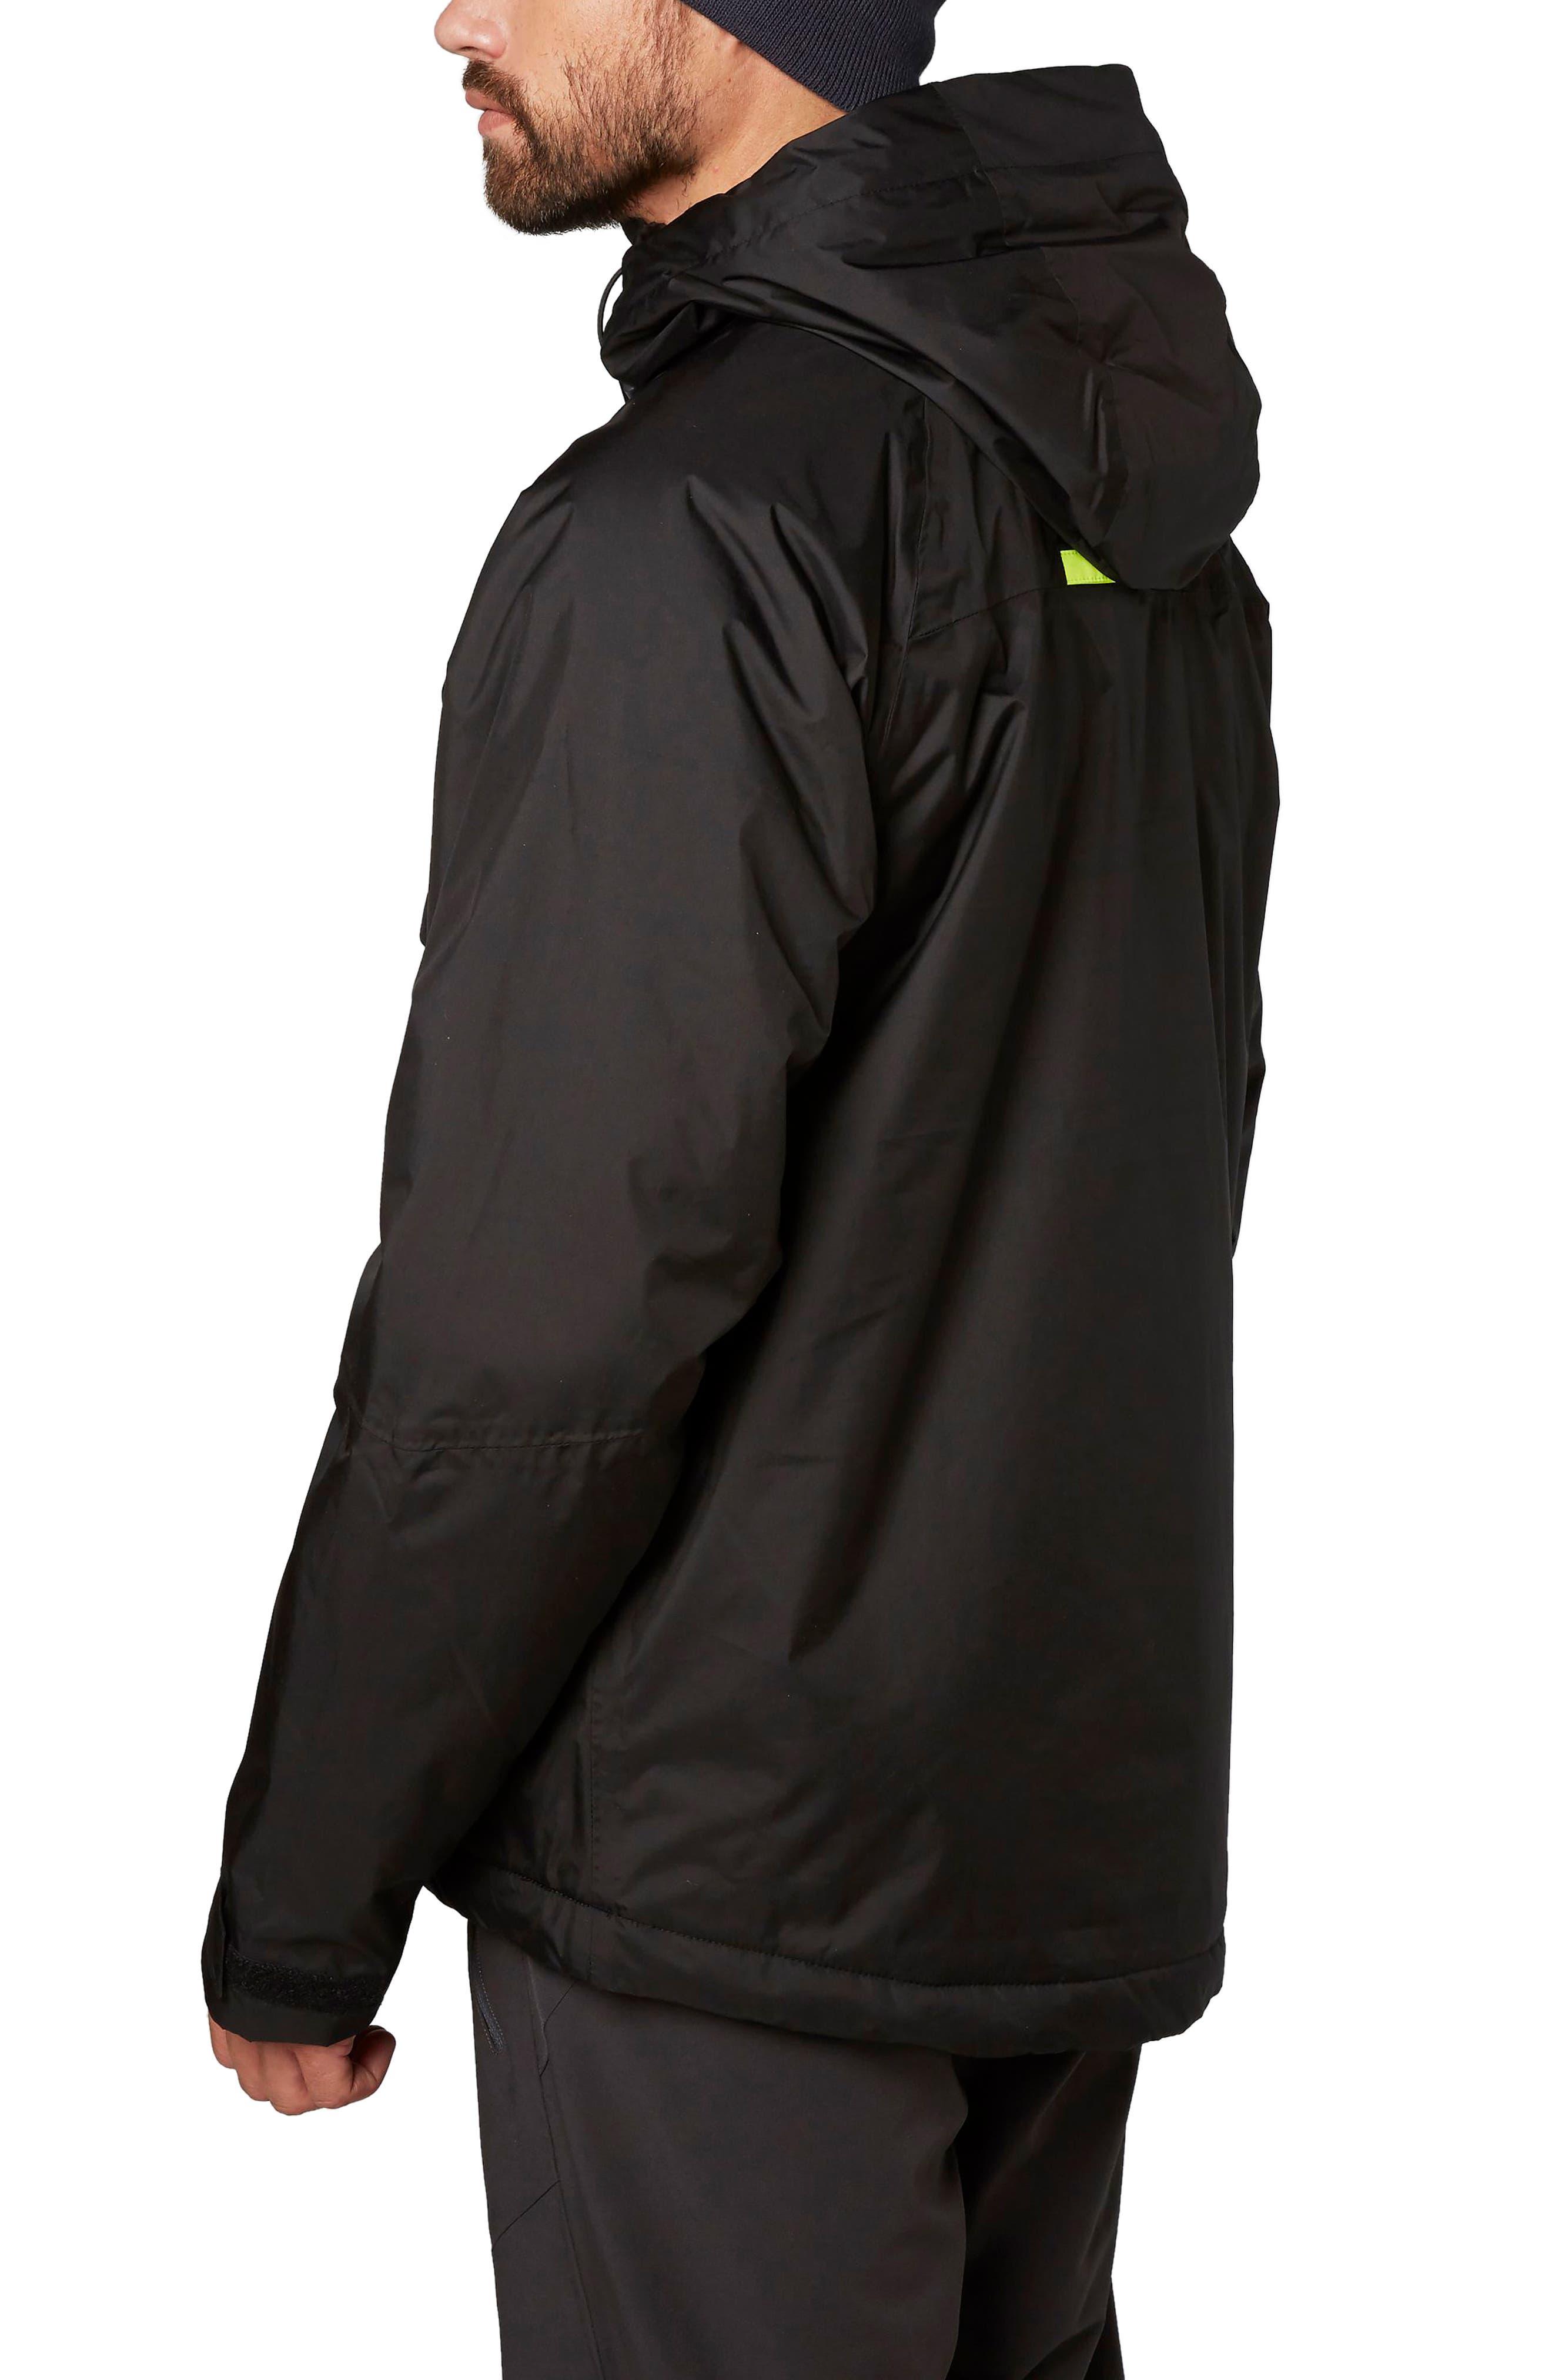 Loke Hair Waterproof Jacket,                             Alternate thumbnail 2, color,                             001